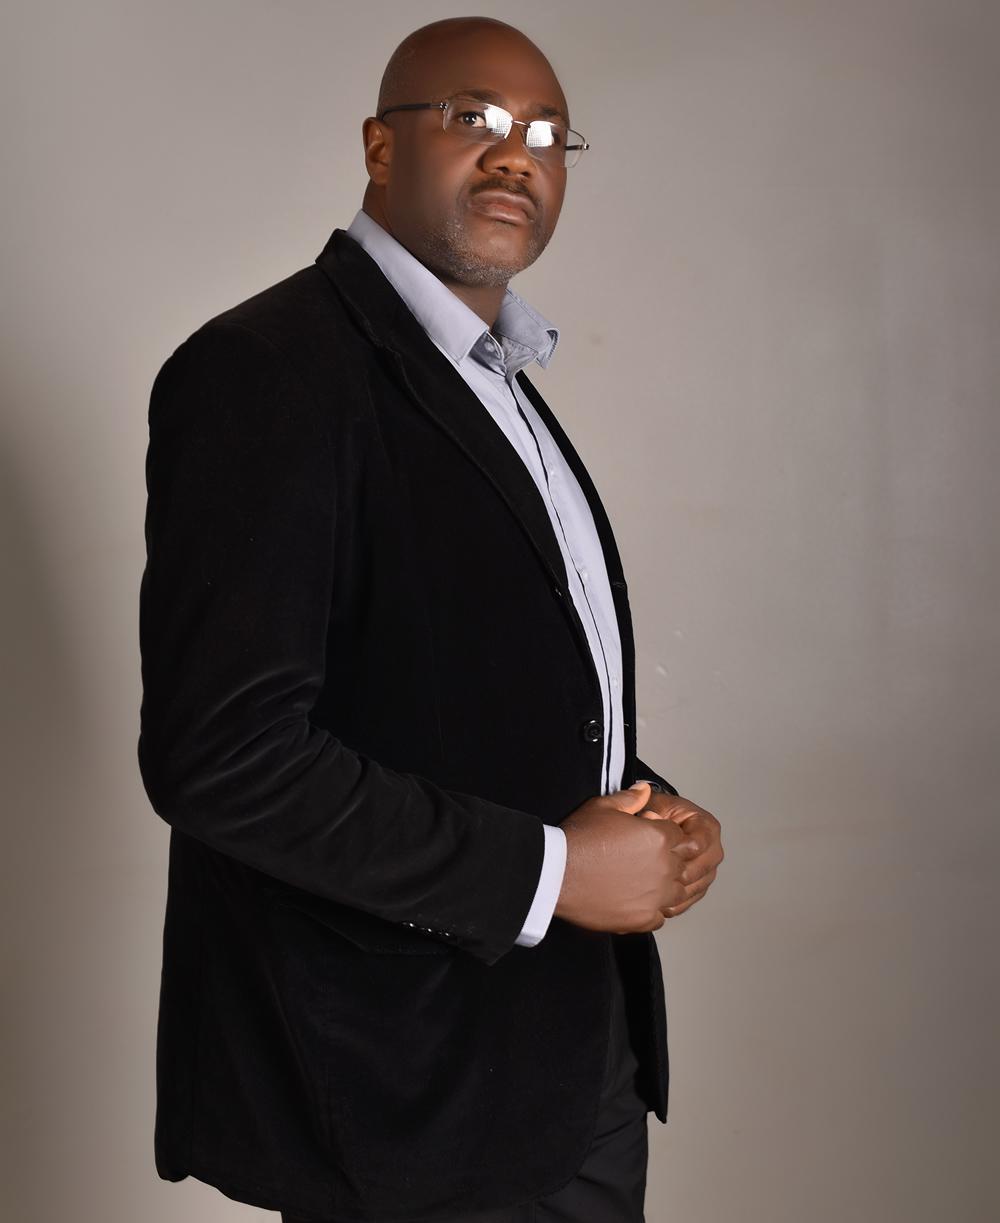 Prof. Chukwumereije Okereke